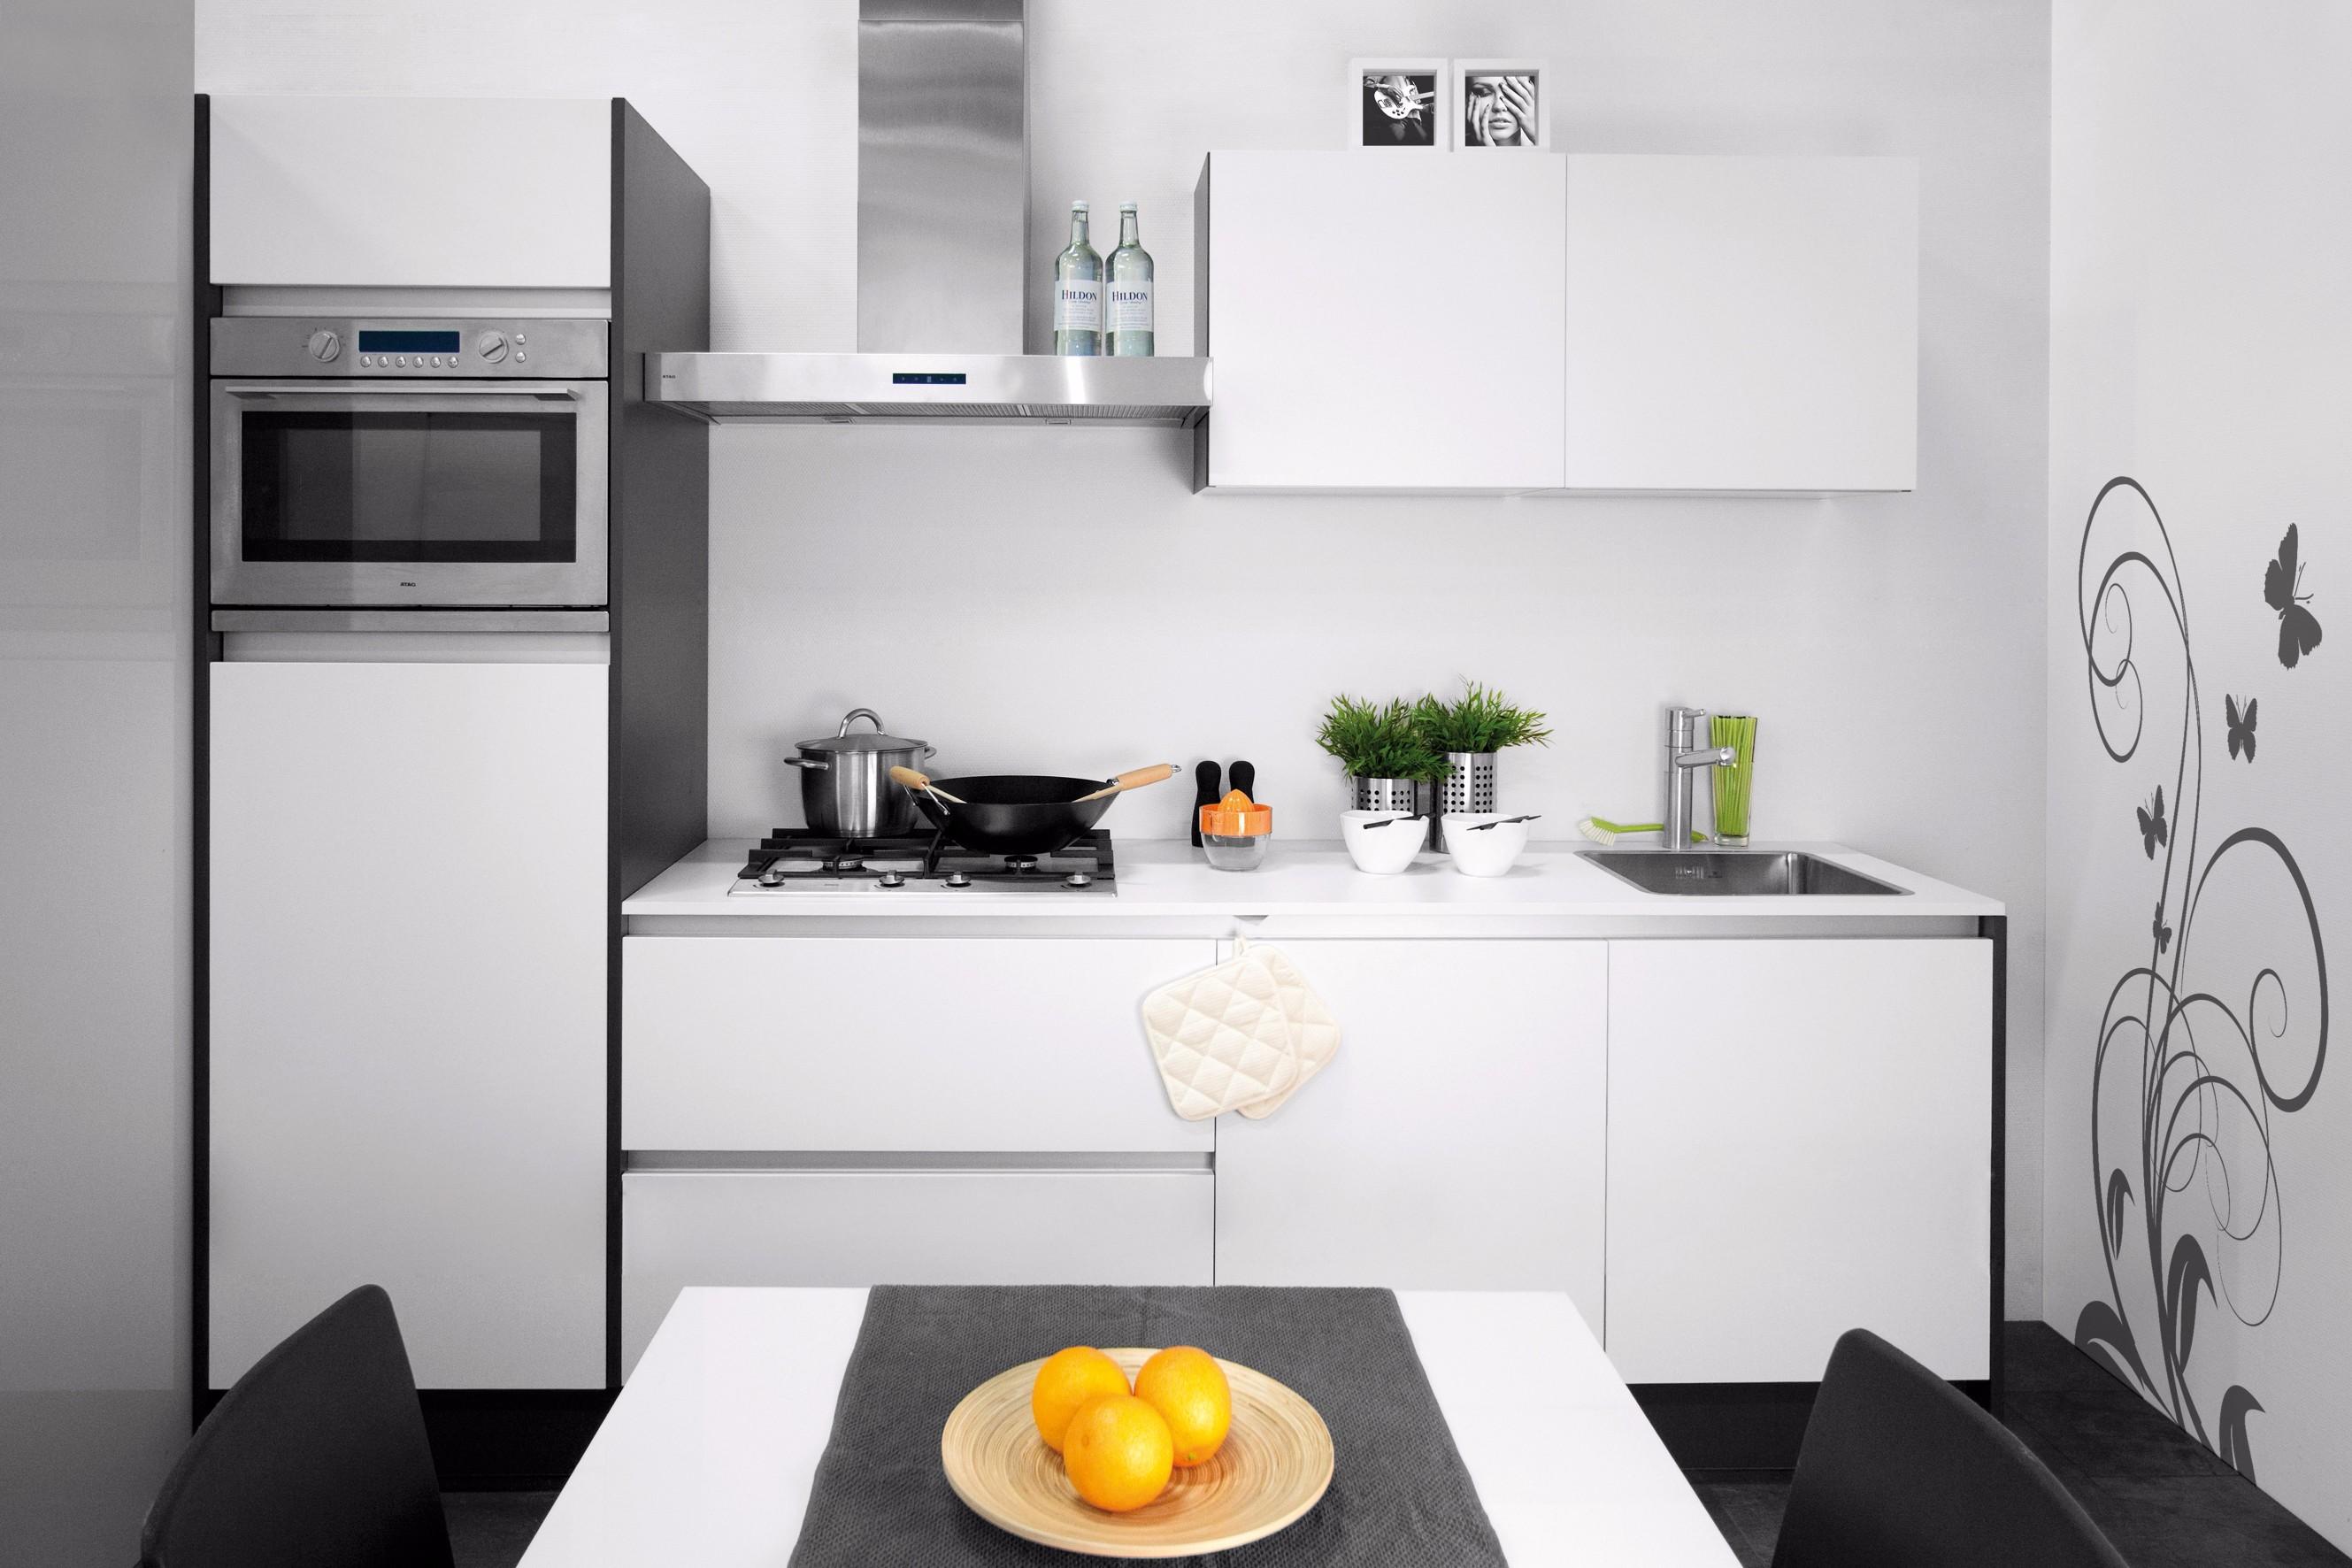 Een kleine keuken van topkwaliteit ontdekt u bij formido